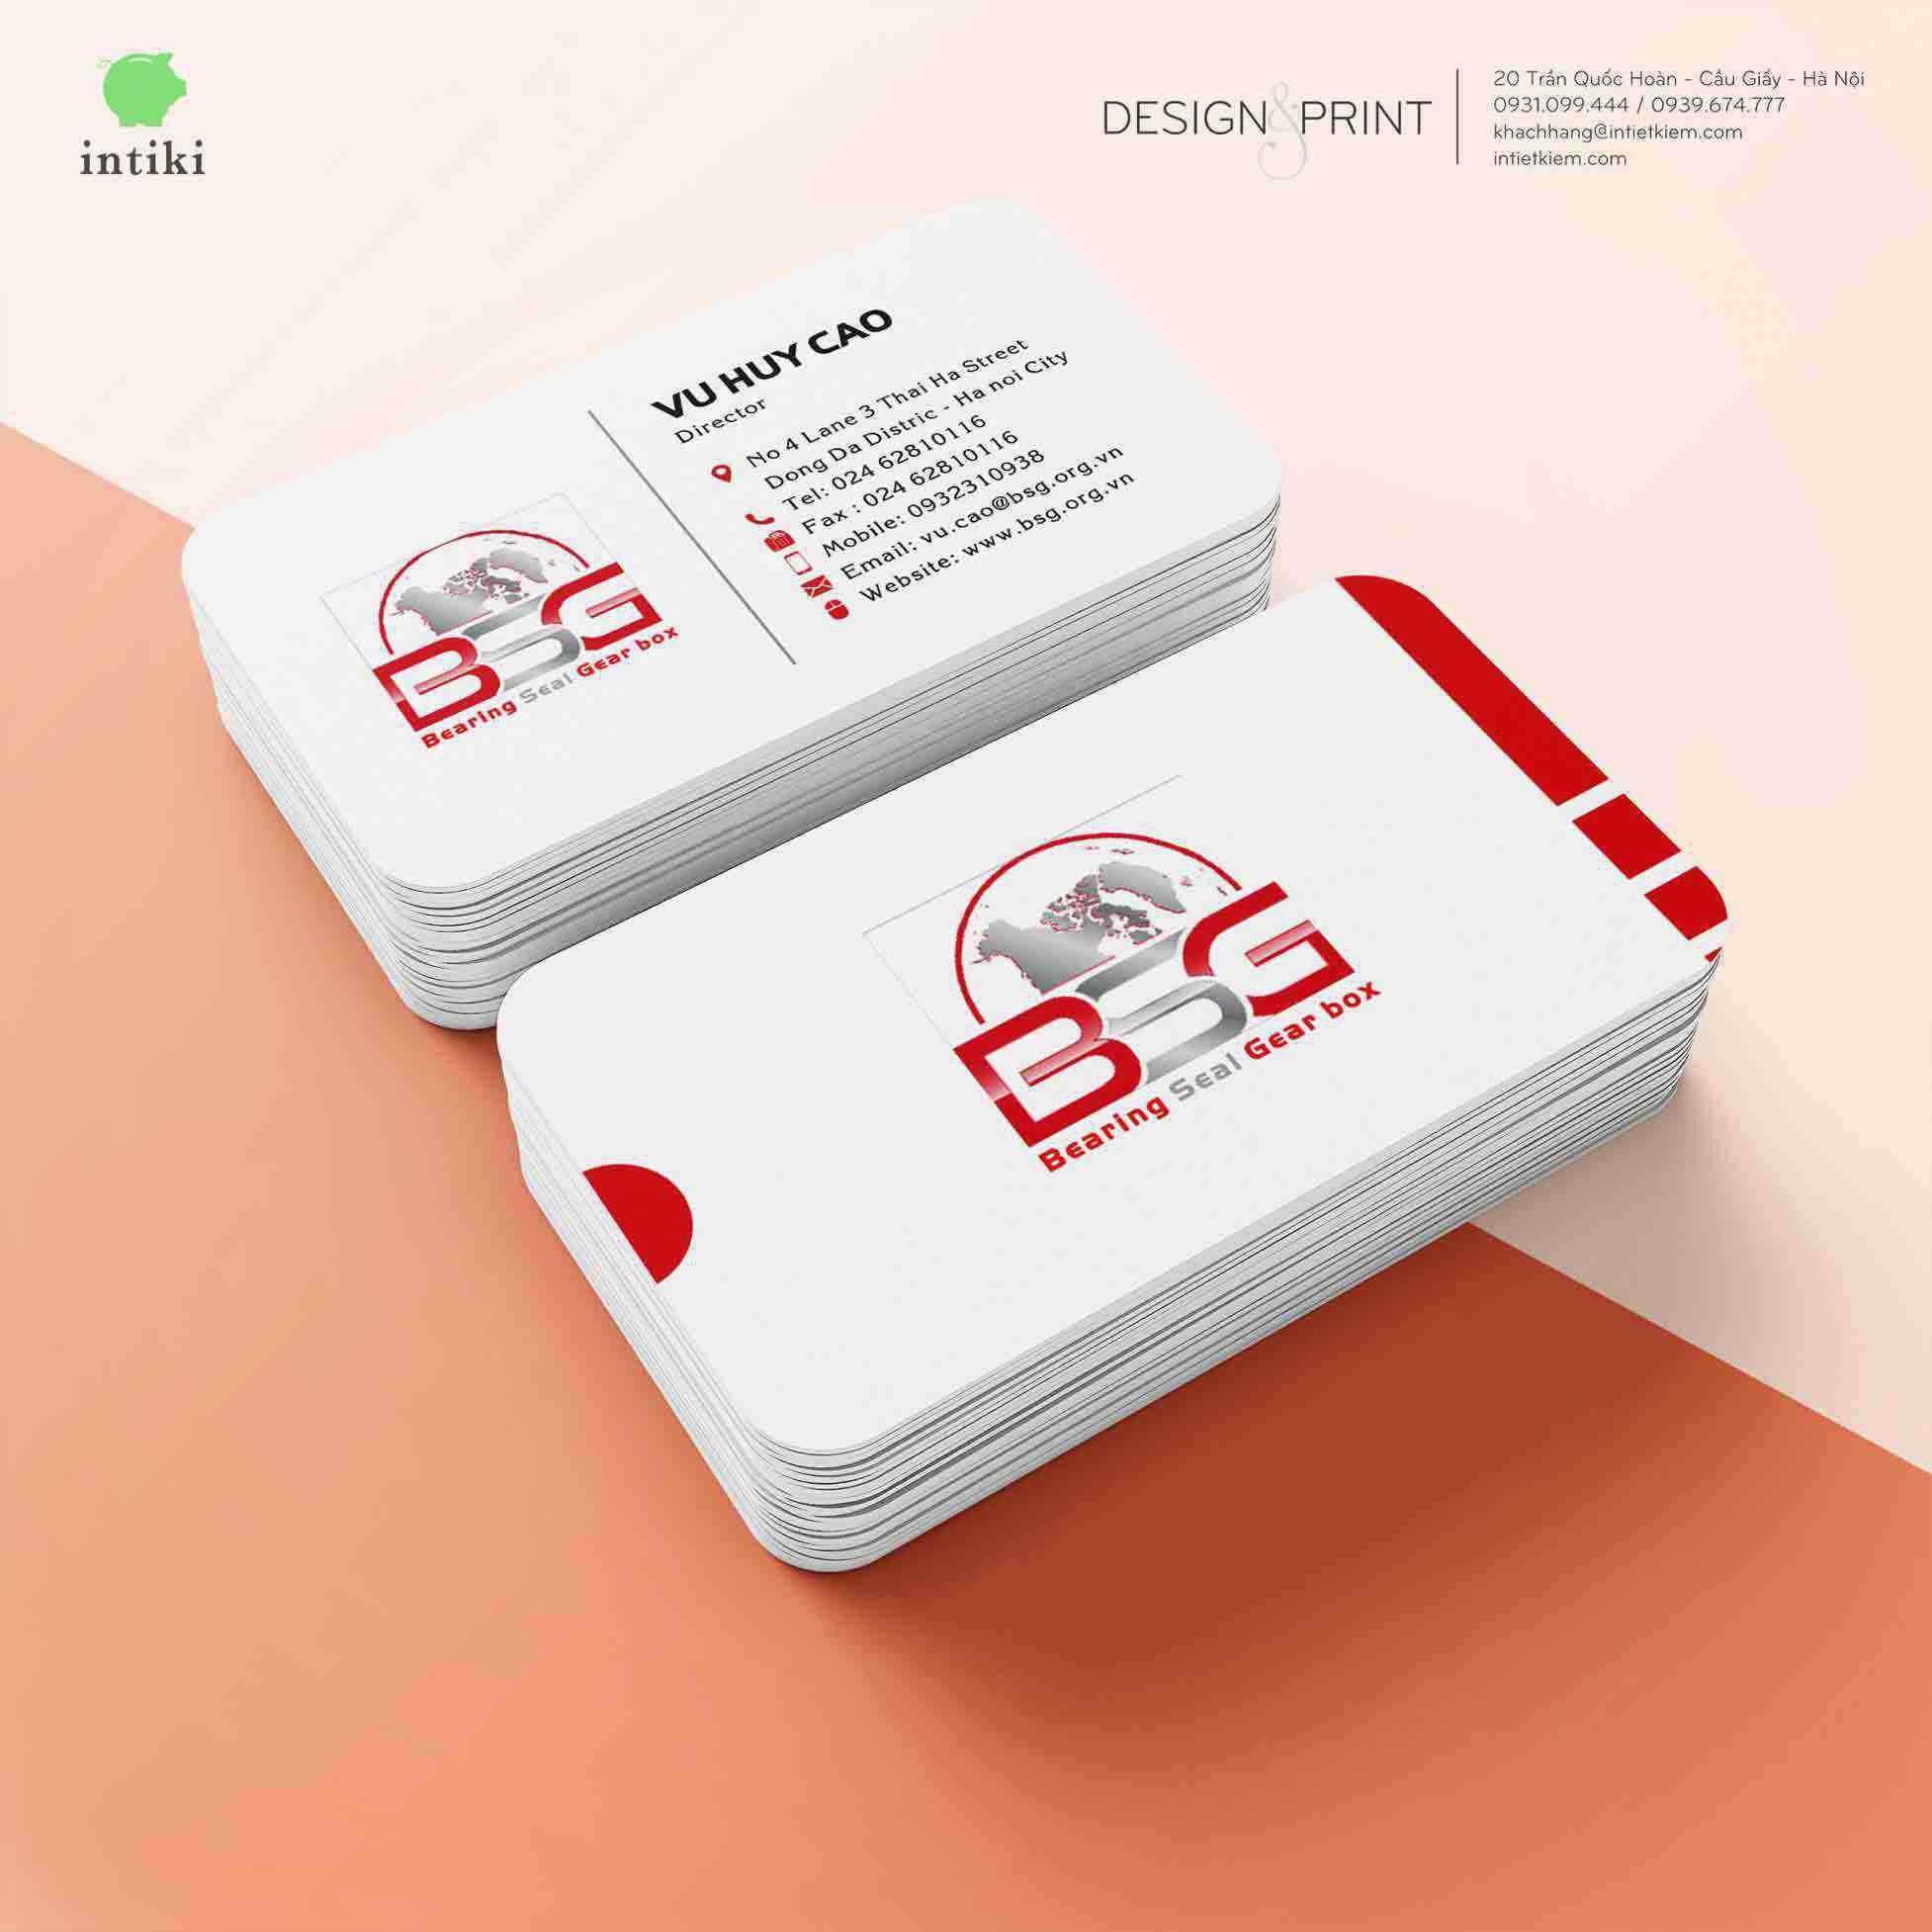 In Tiết Kiệm là cơ sở in ấn được lòng khách hàng